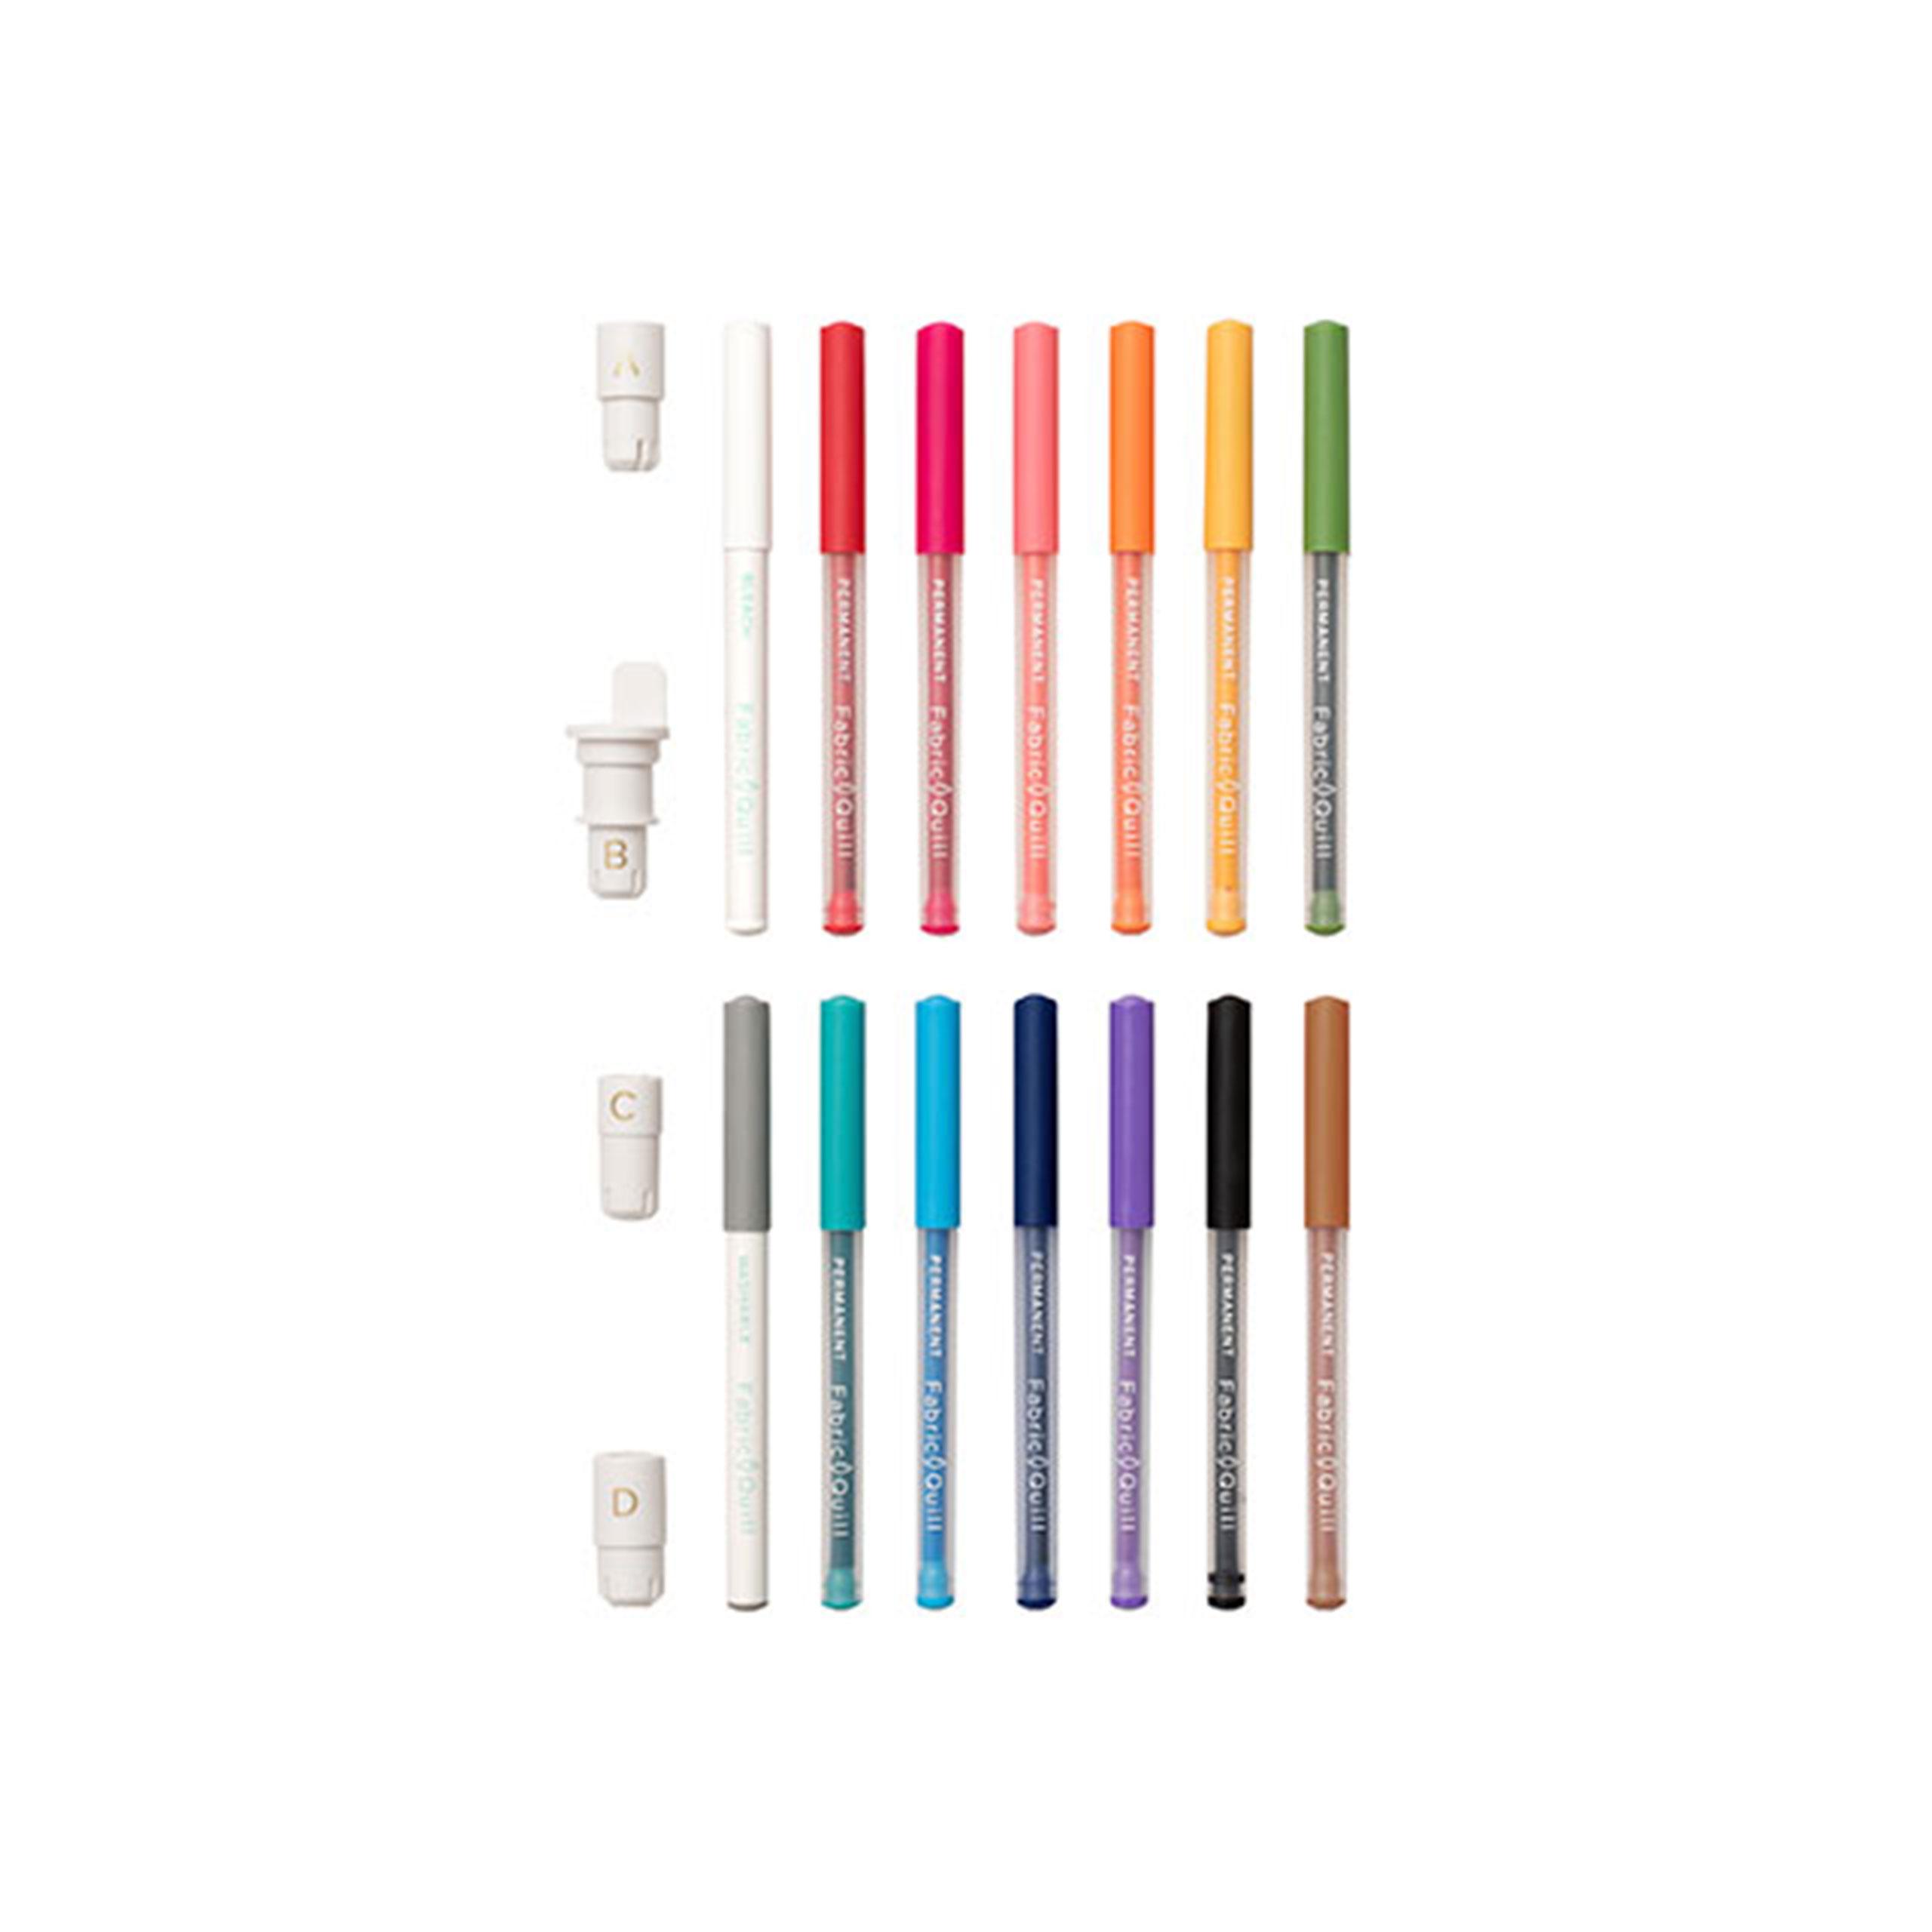 WR Fabric Quill - Starter Kit - Textilmarker für Silhouette und Brother Plotter